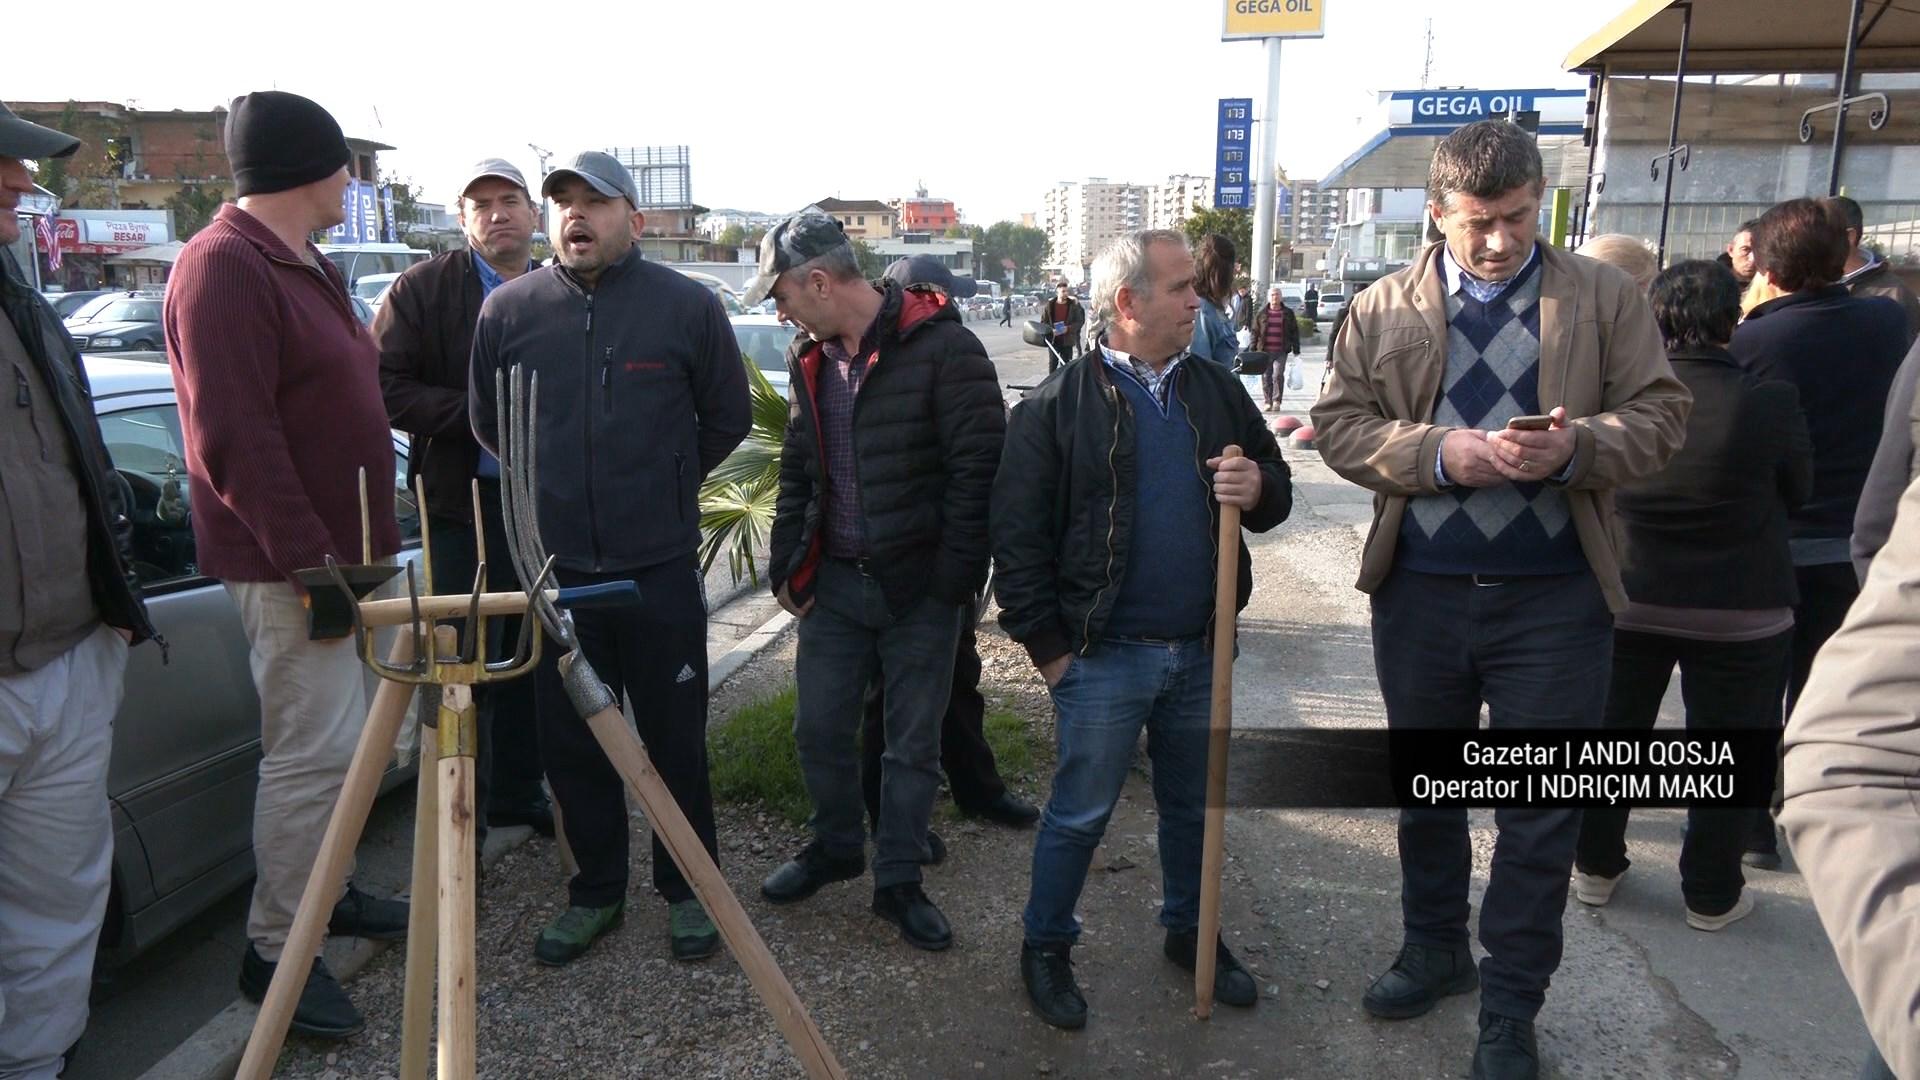 Tri orë protestë me sfurqe e bishta lopate, banorët dolën në rrugë për të mbrojtur shtëpitë